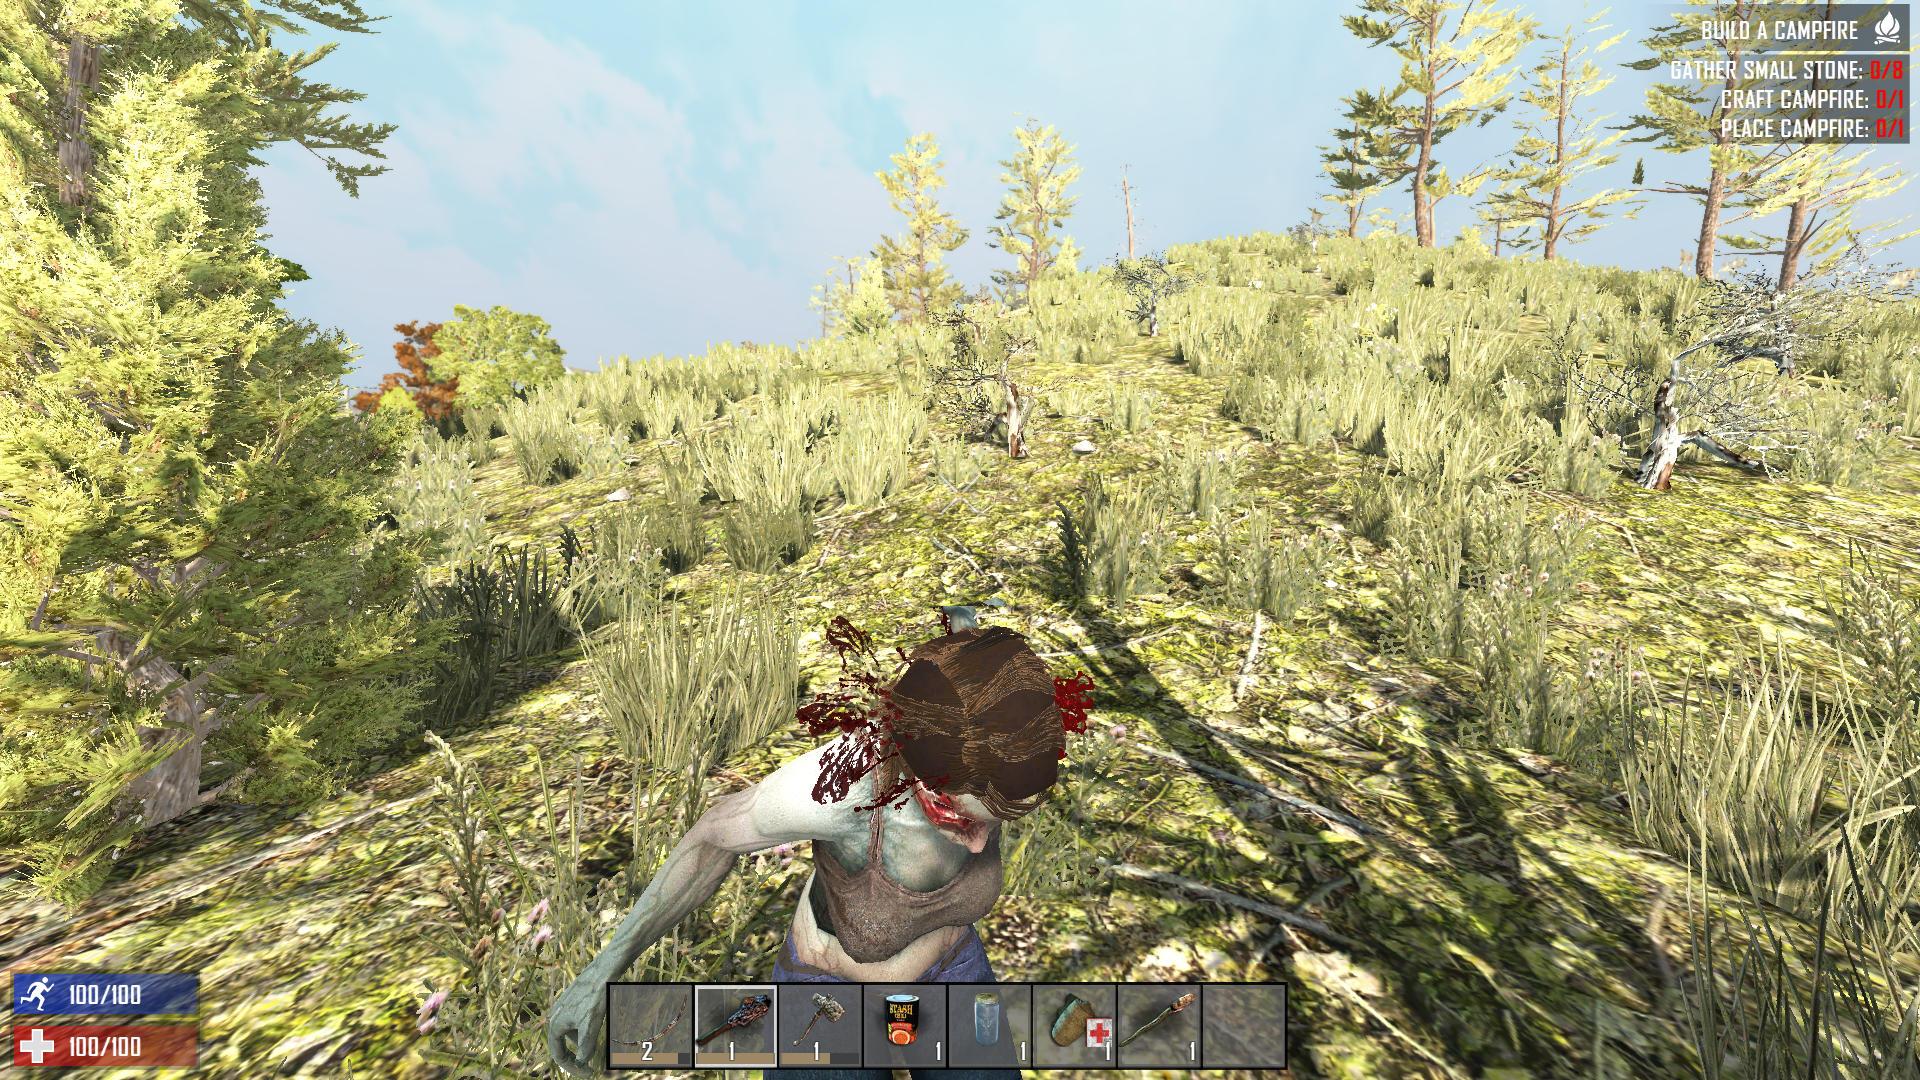 7 Days to Die Alpha 15 Screenshot 02